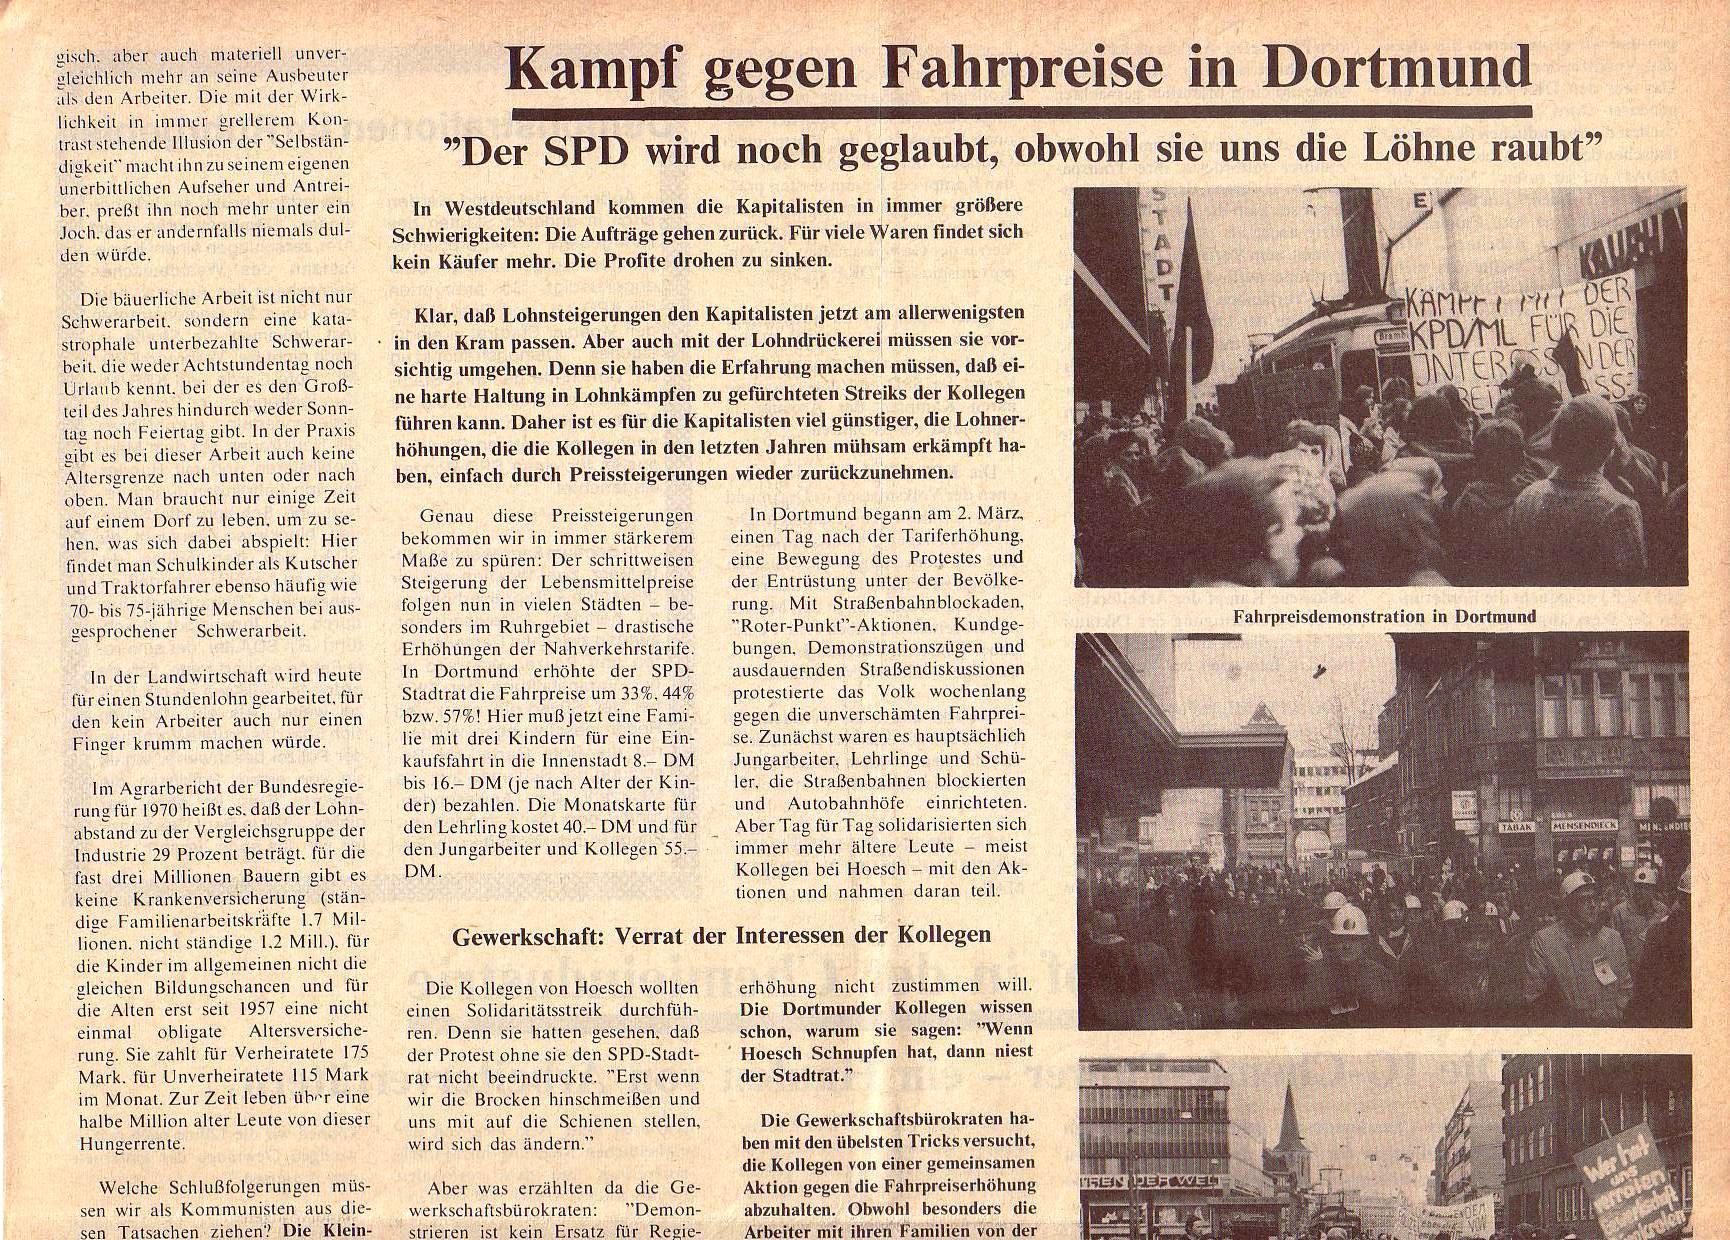 Roter Morgen, 5. Jg., April 1971, Nr. 4, Seite 3a